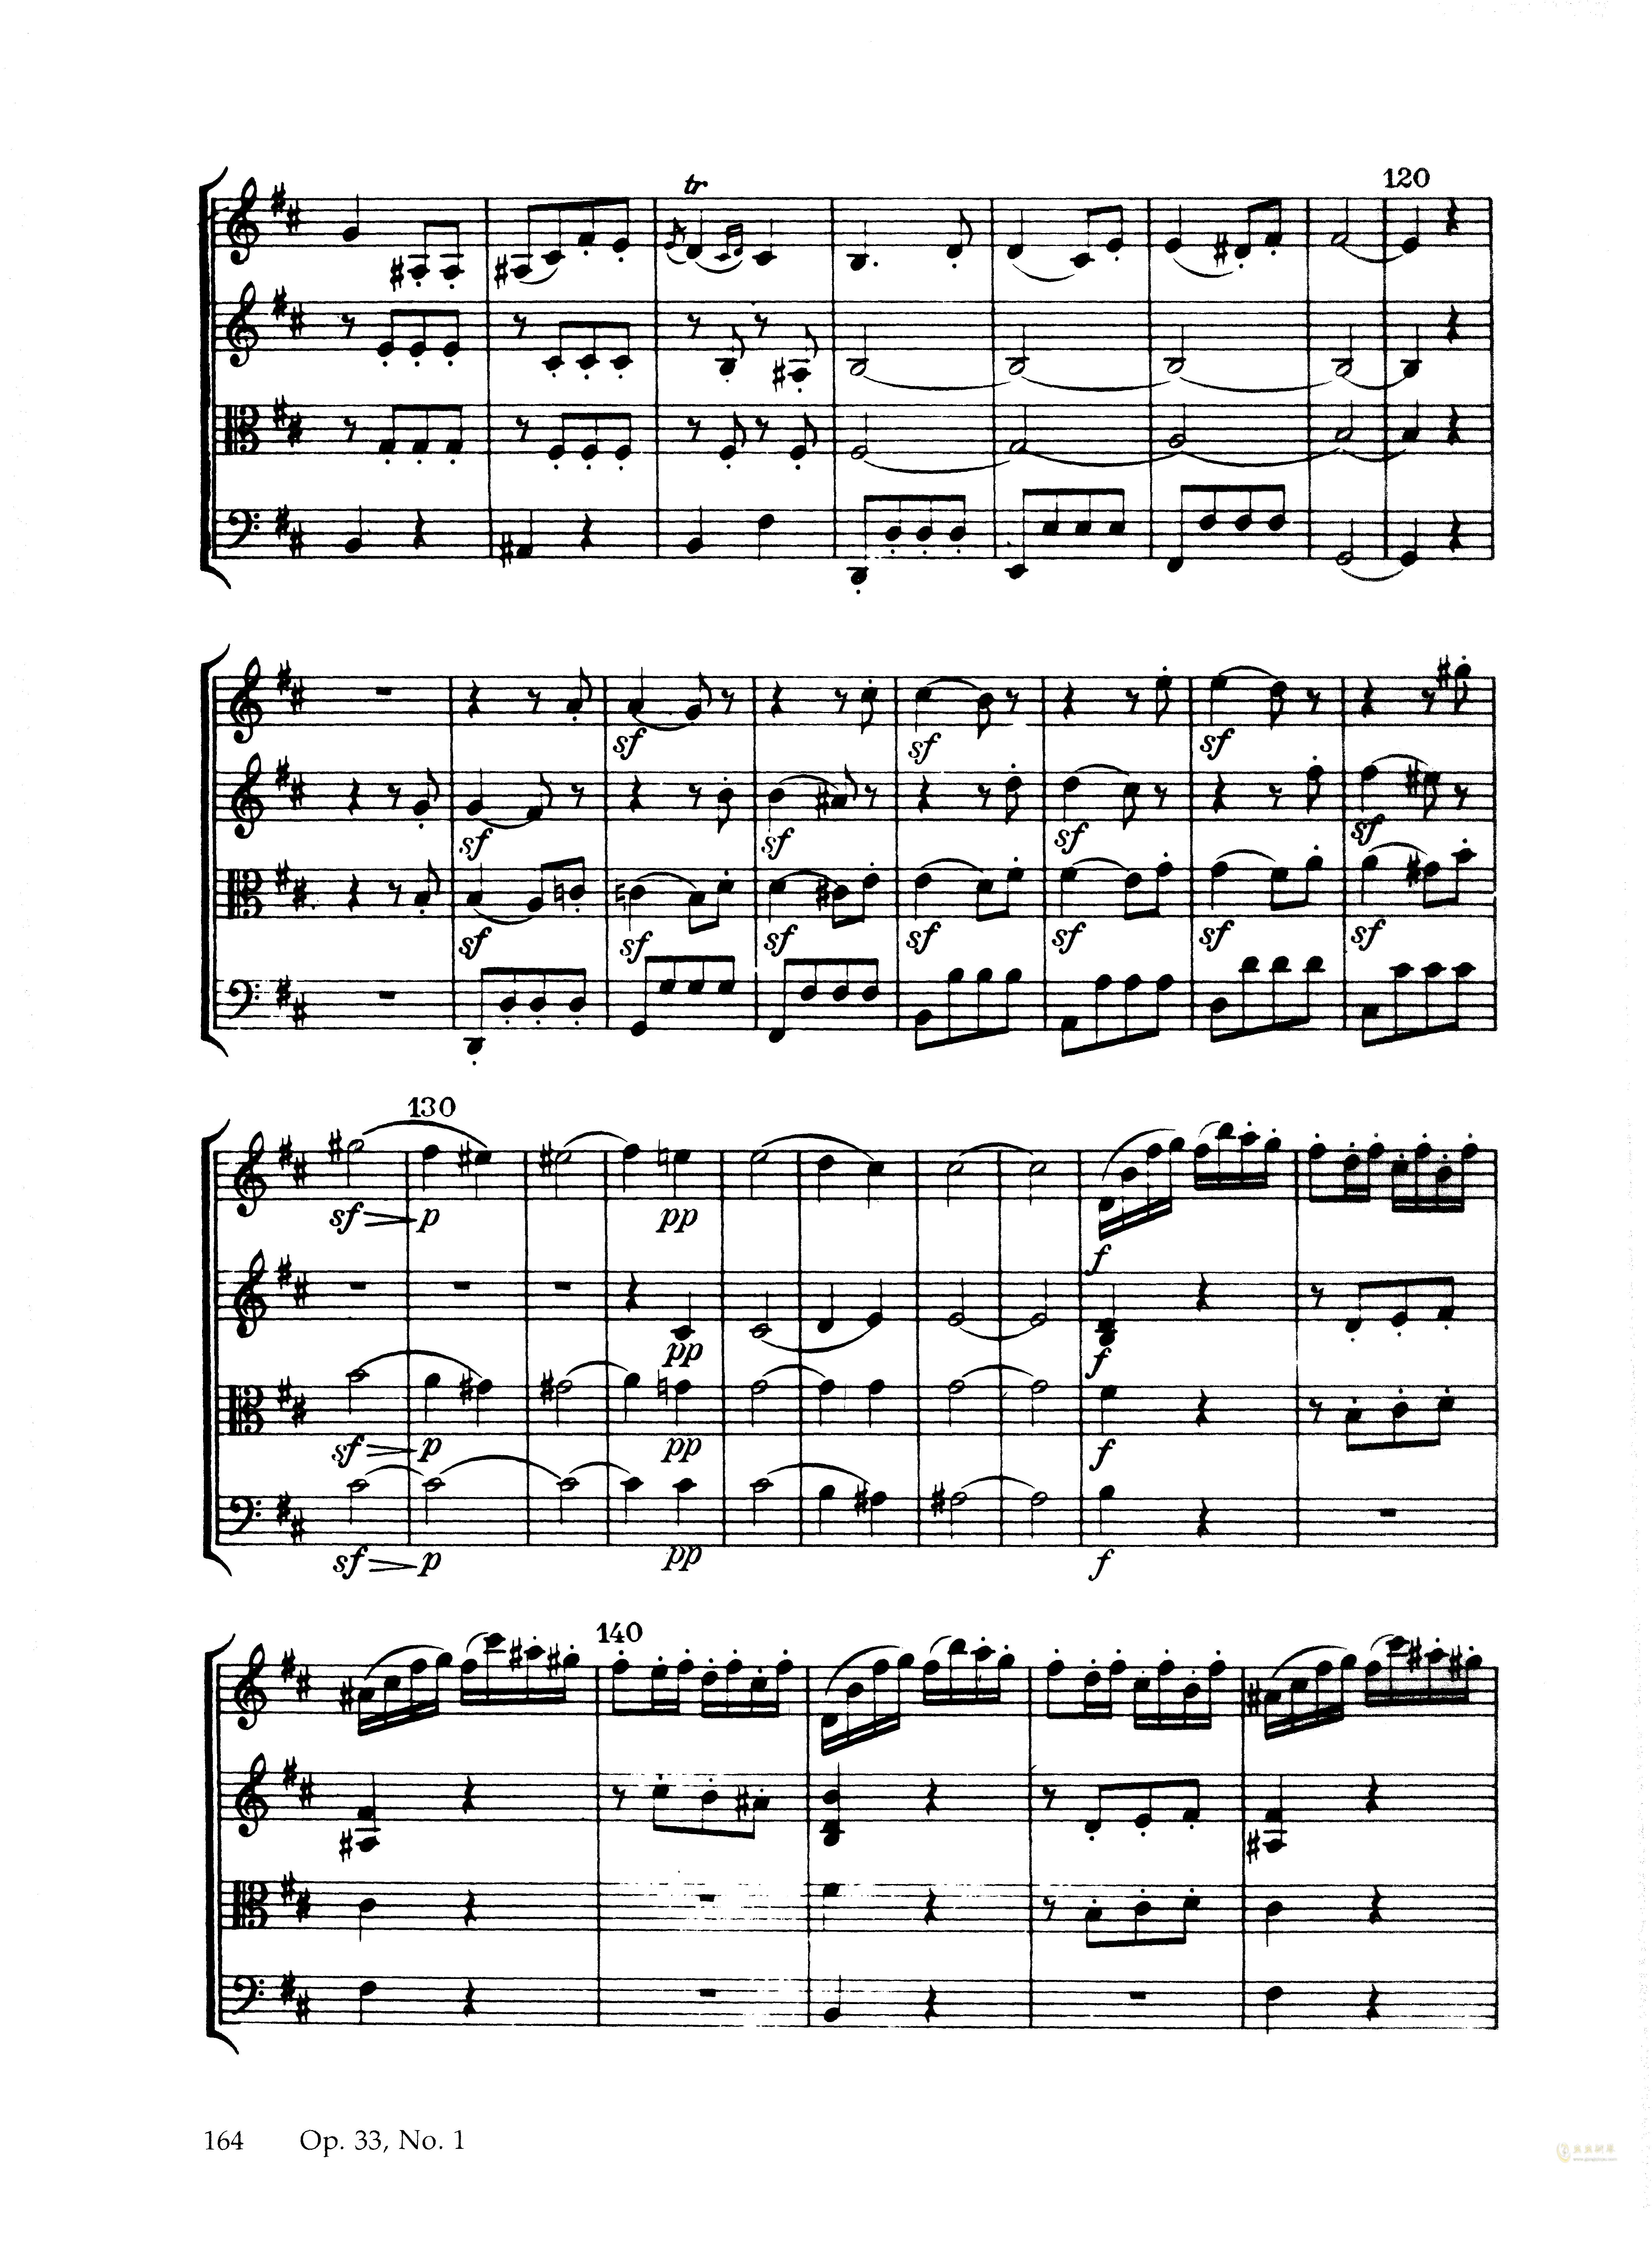 海顿 b小调弦乐四重奏 Op.33 No.1,海顿 b小调弦乐四重奏 Op.33 No